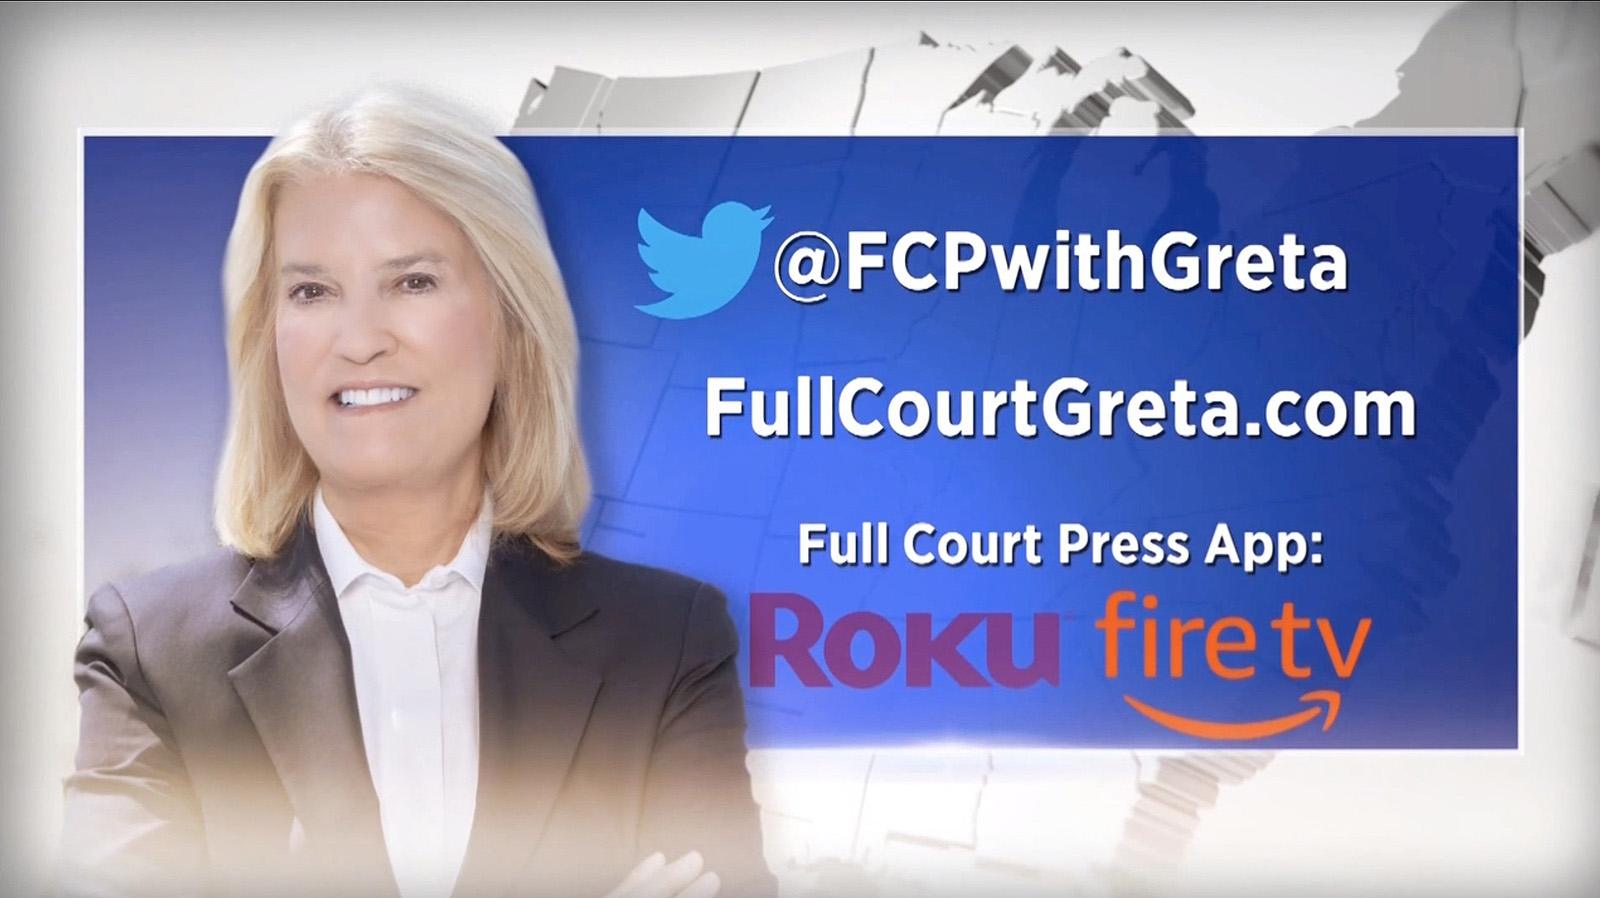 NCS_Full-Court-Press_Greta-Van-Susteren_014